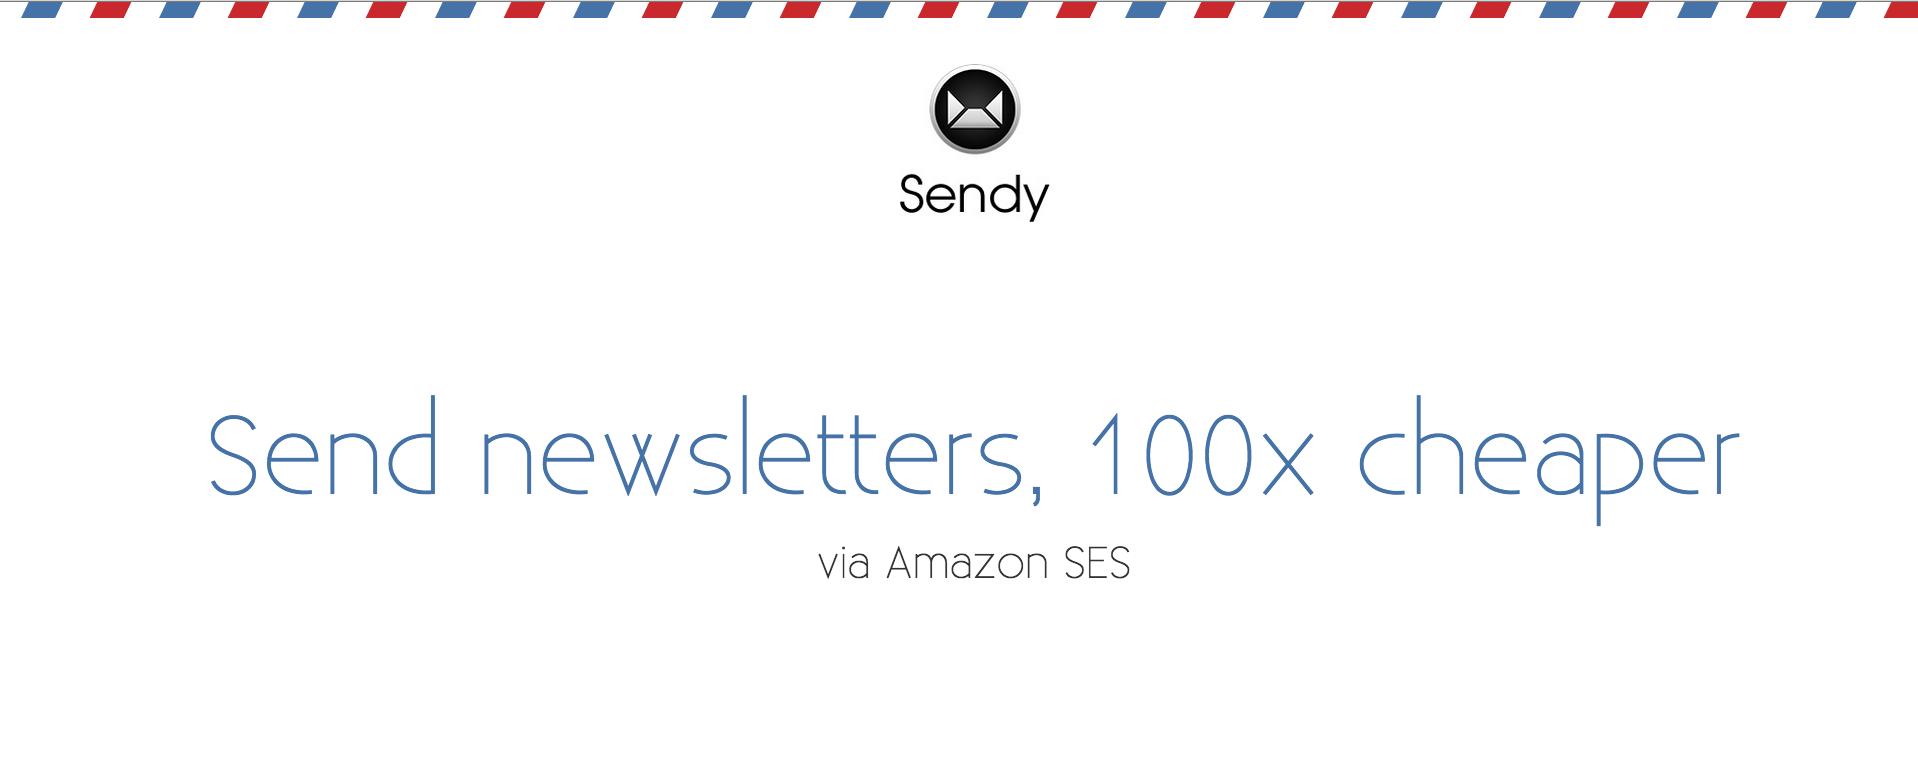 Installing Sendy (for emails) on Laravel Forge   MattStauffer.com